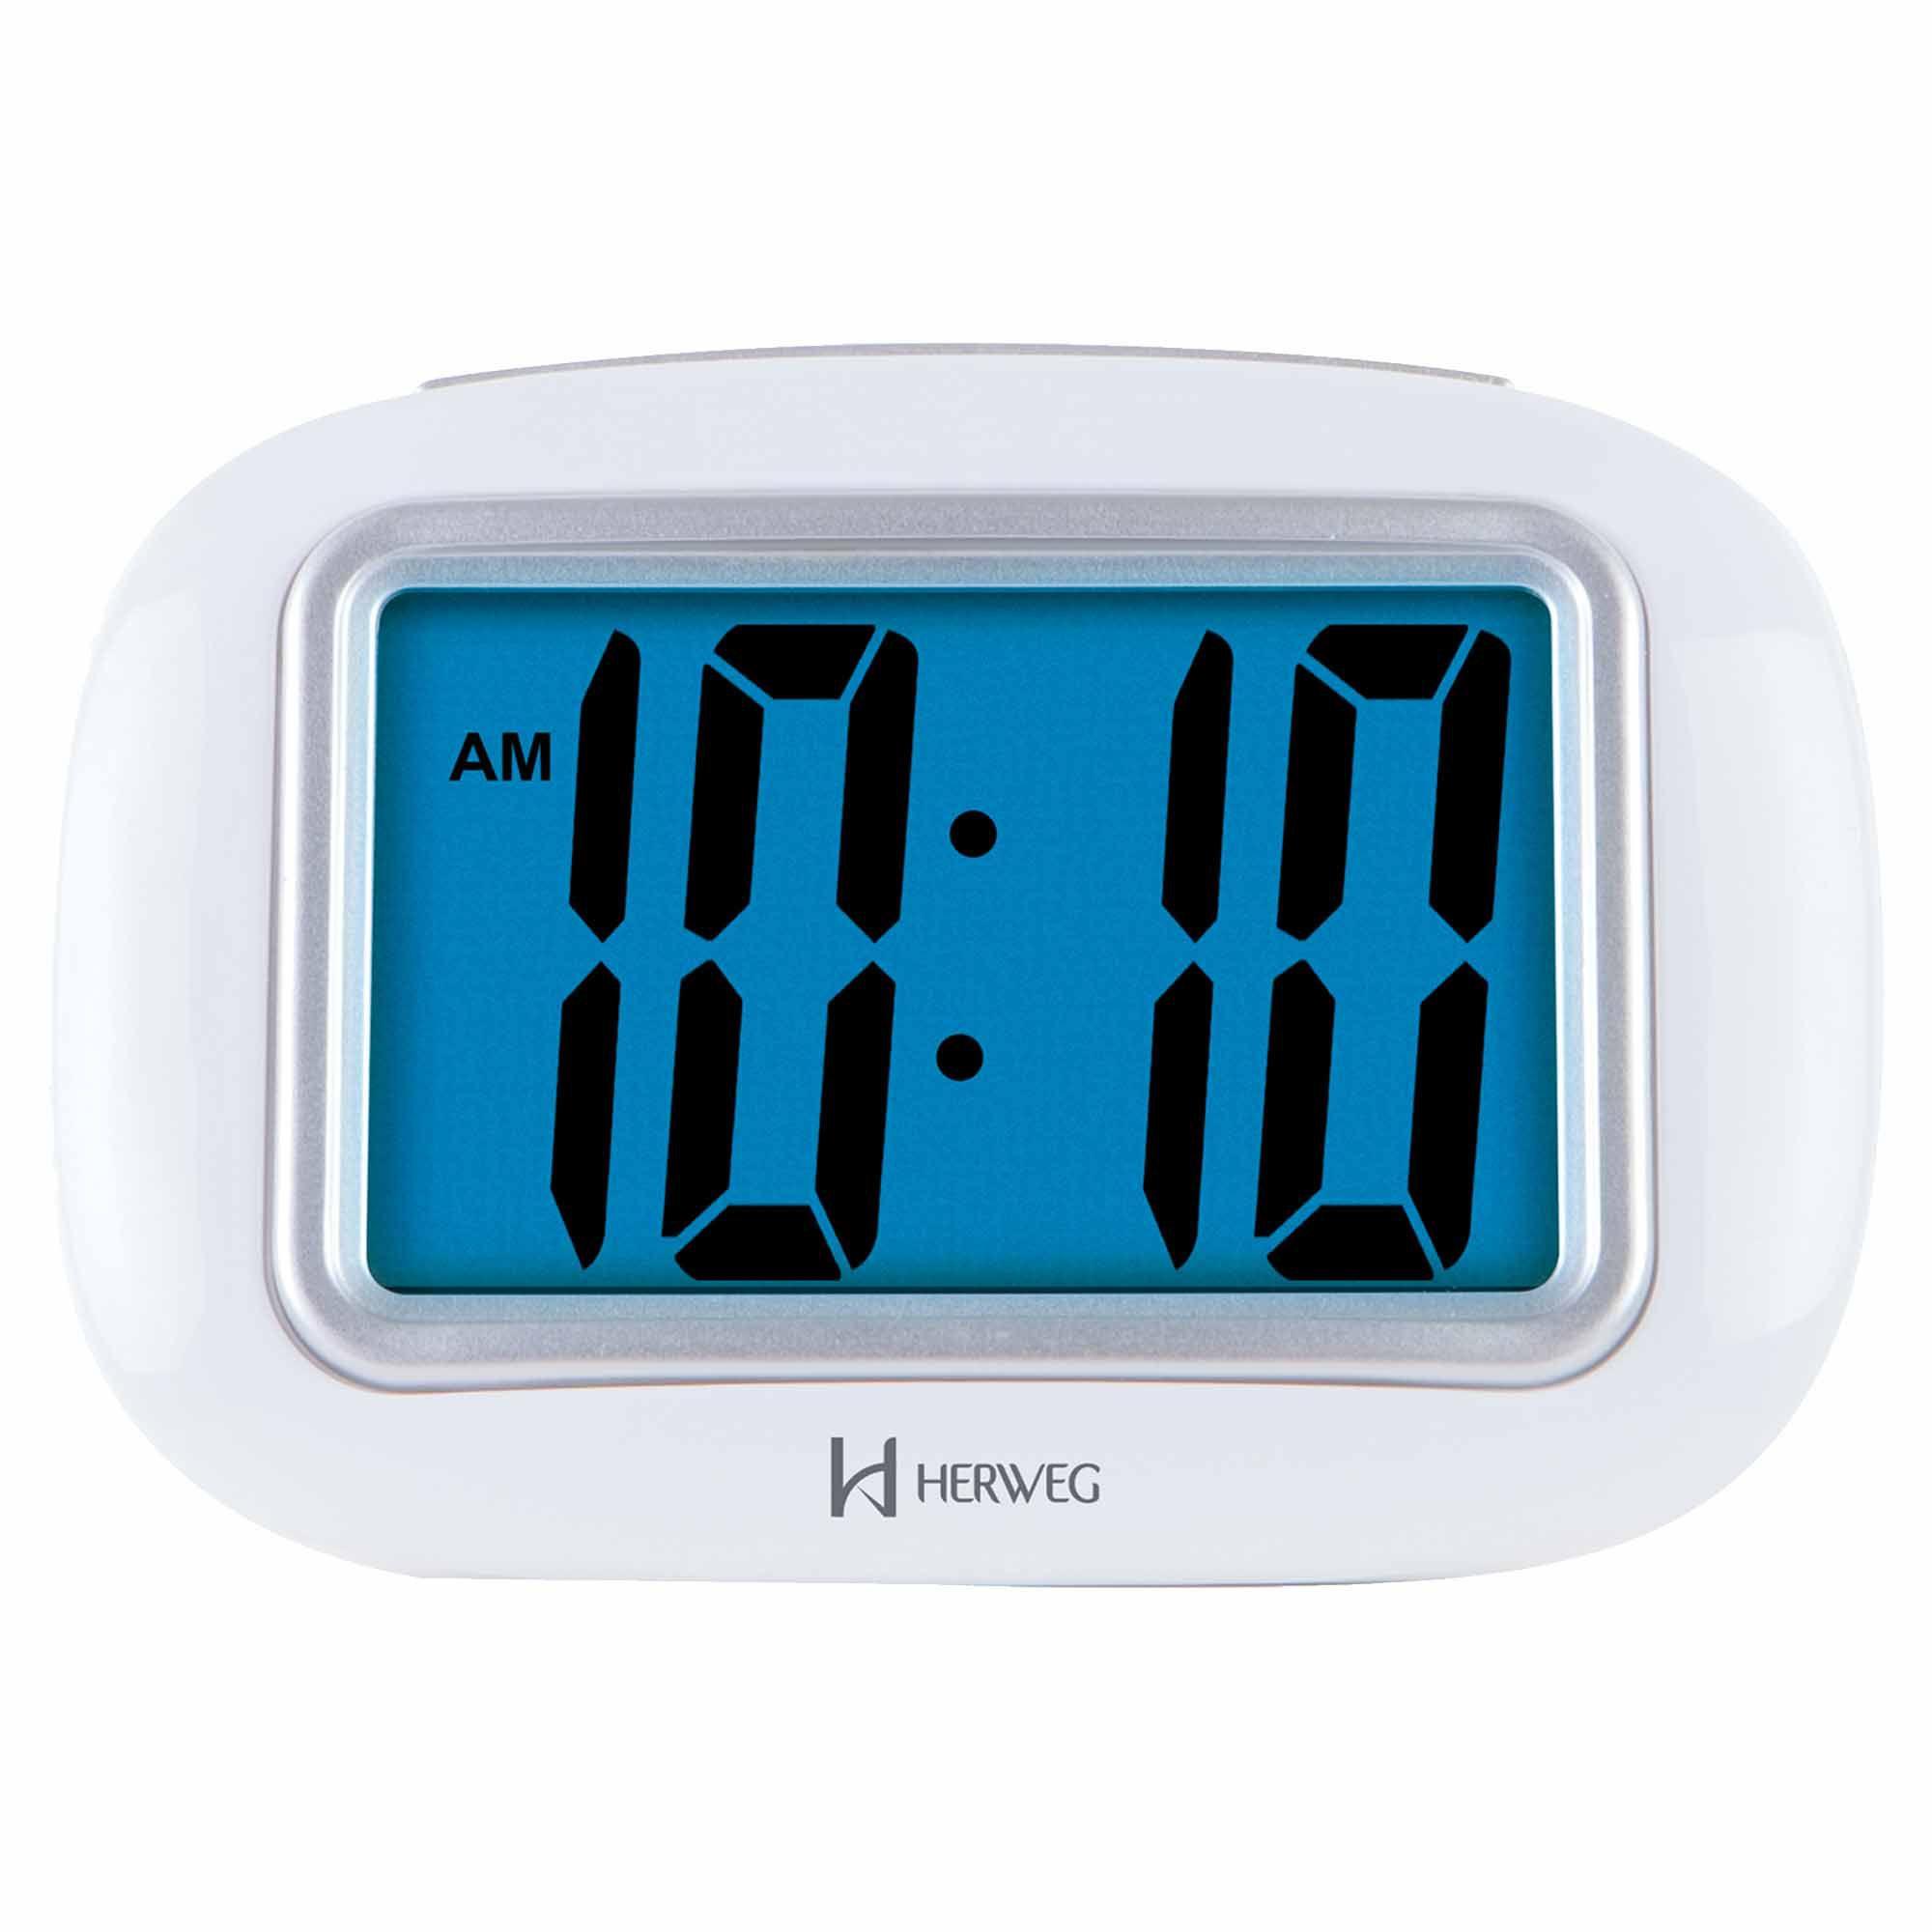 Despertador Digital Quartzo Herweg 2976 021 Branco